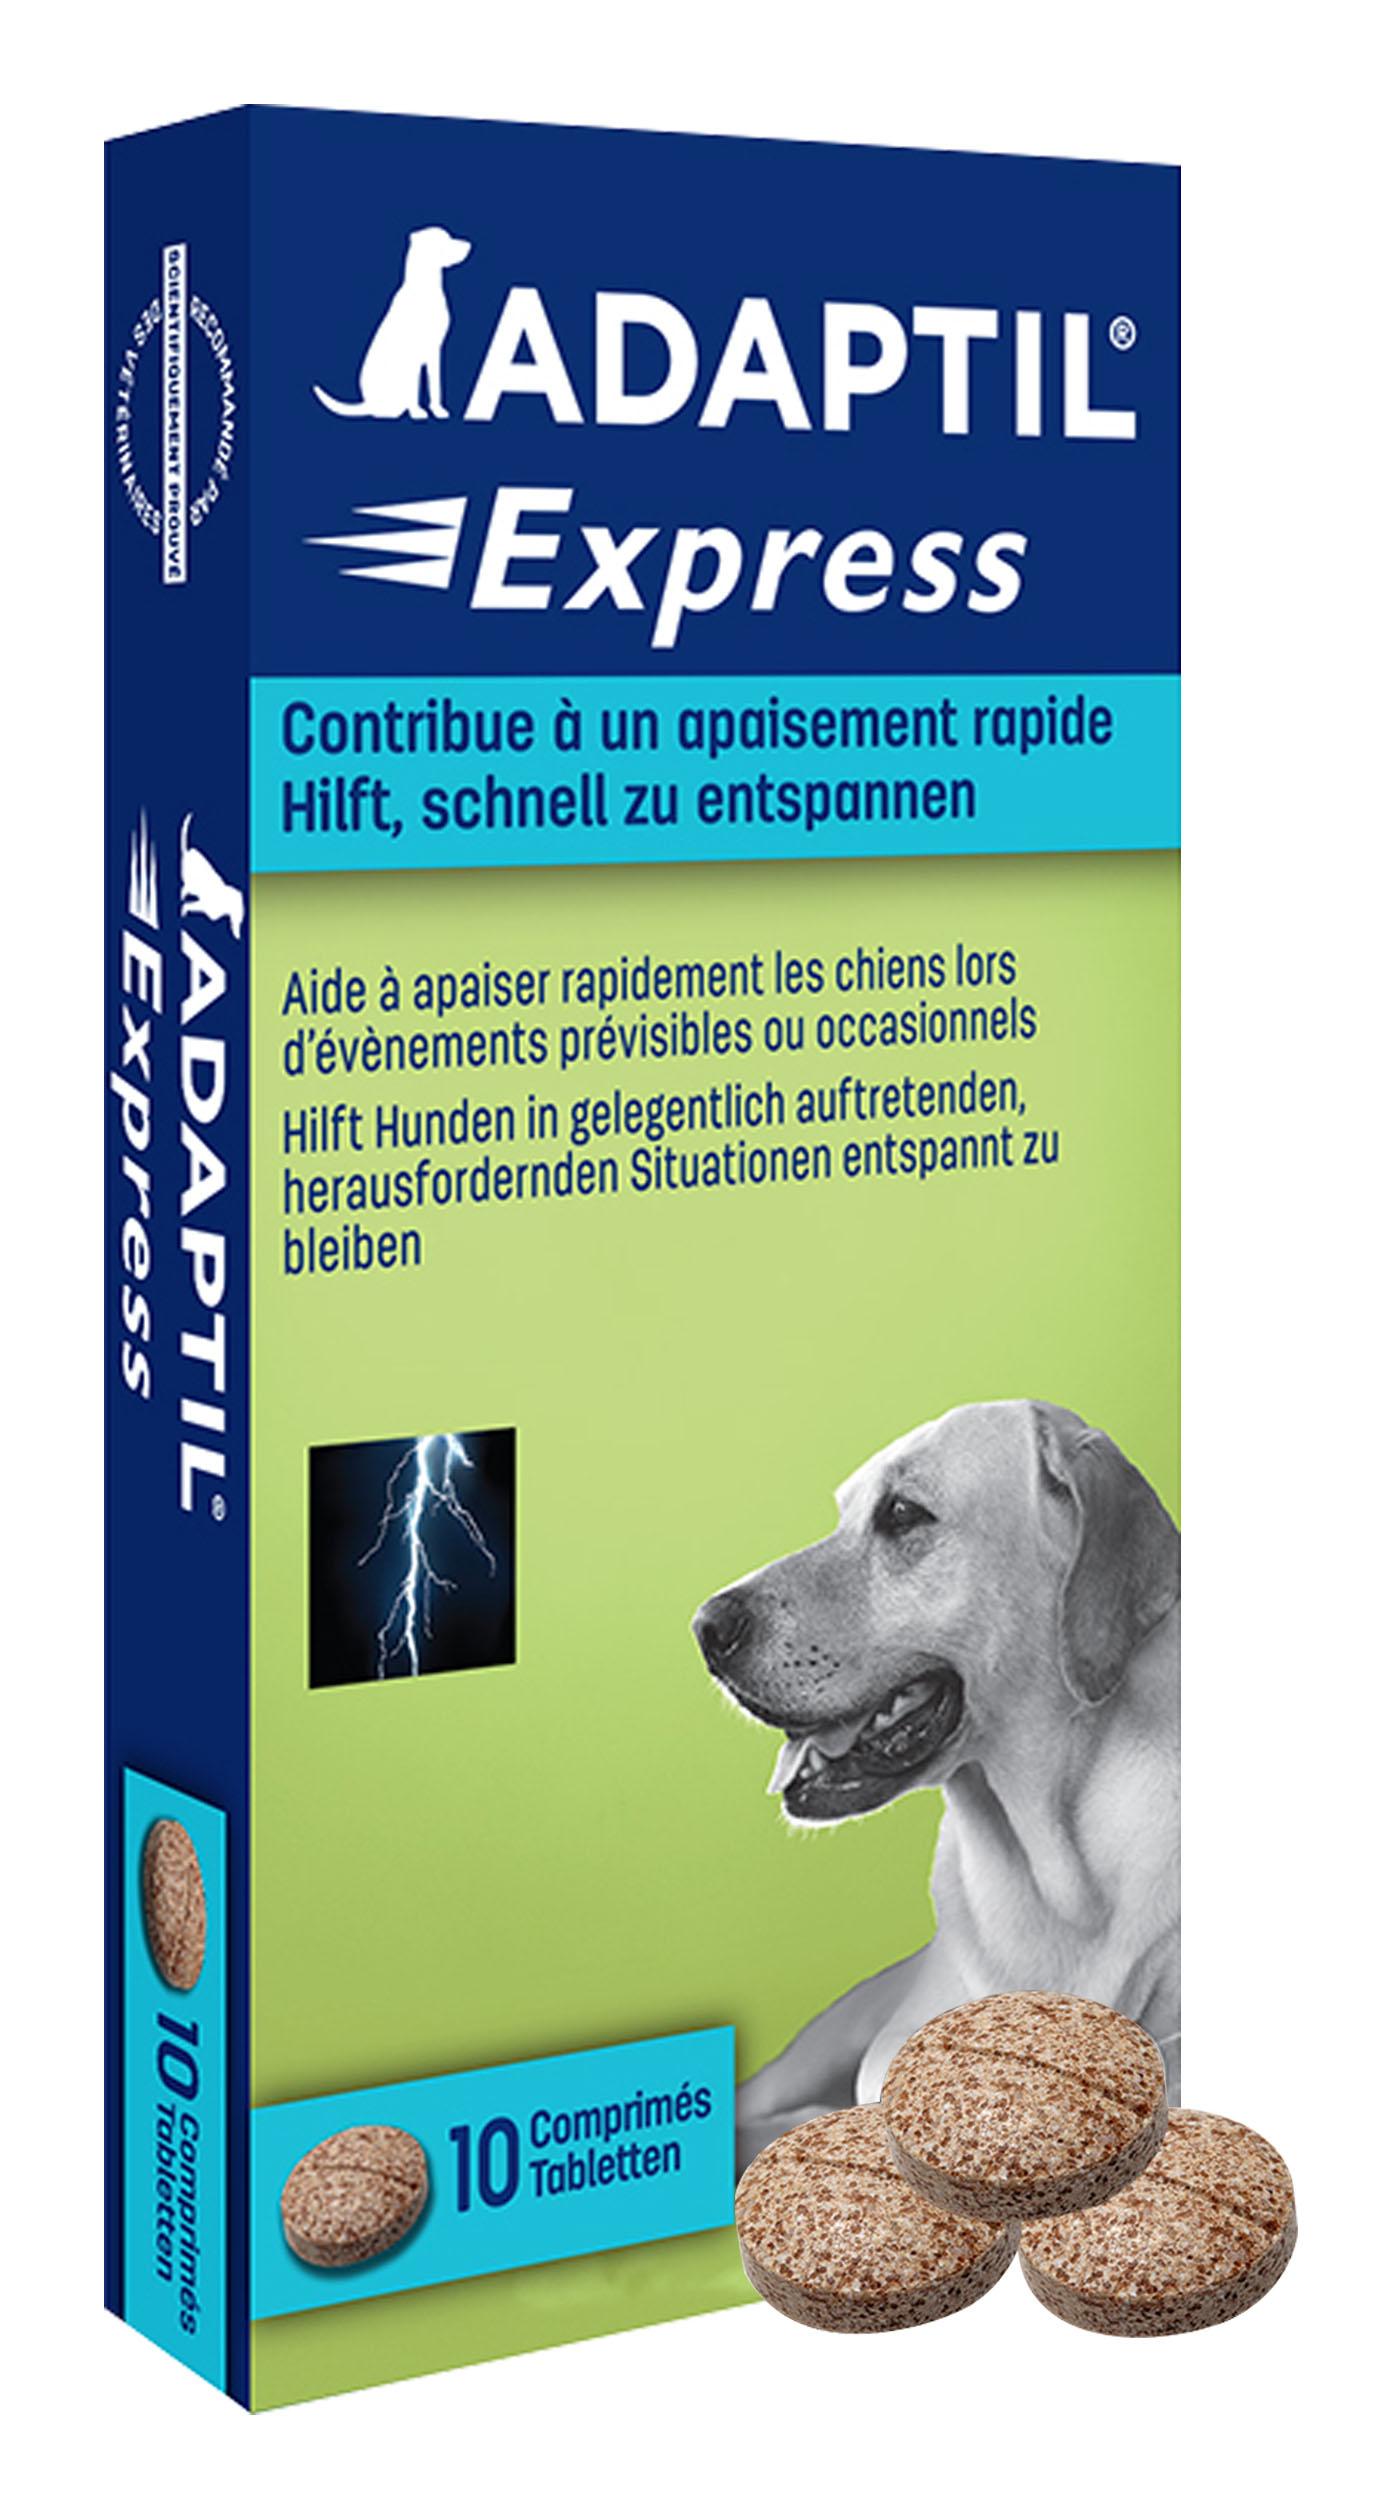 Die Tabletten können wie ein Leckerli gefüttert werden und helfen dem ängstlichen Hund, sich schnell zu beruhigen.